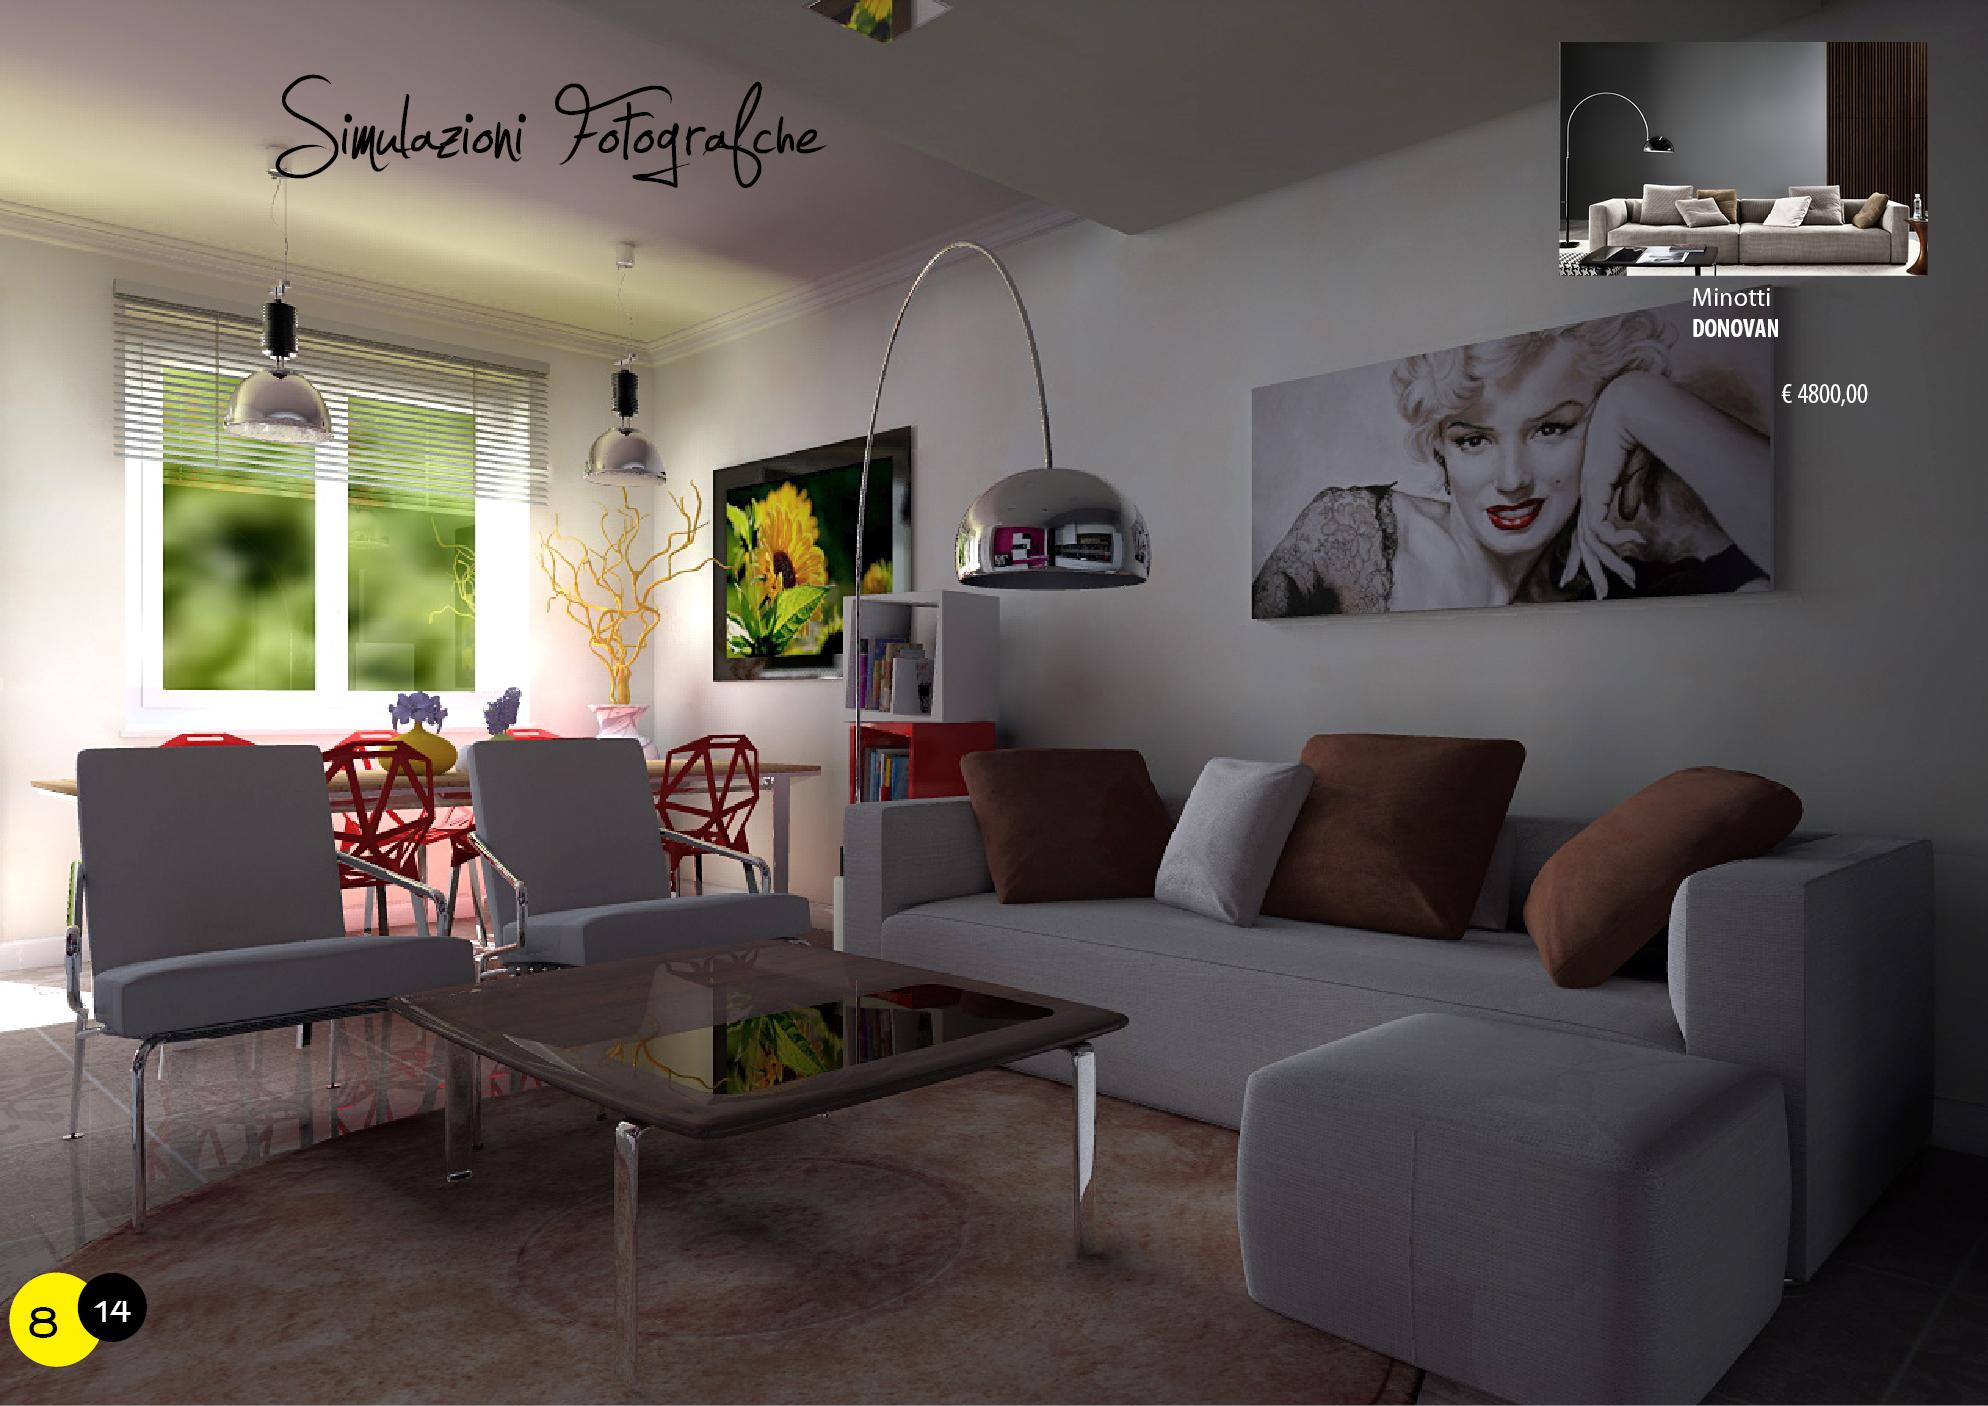 Idee Architettura Interni Casa.14 Idee Per Scegliere Gli Arredi Perfetti Per La Tua Casa